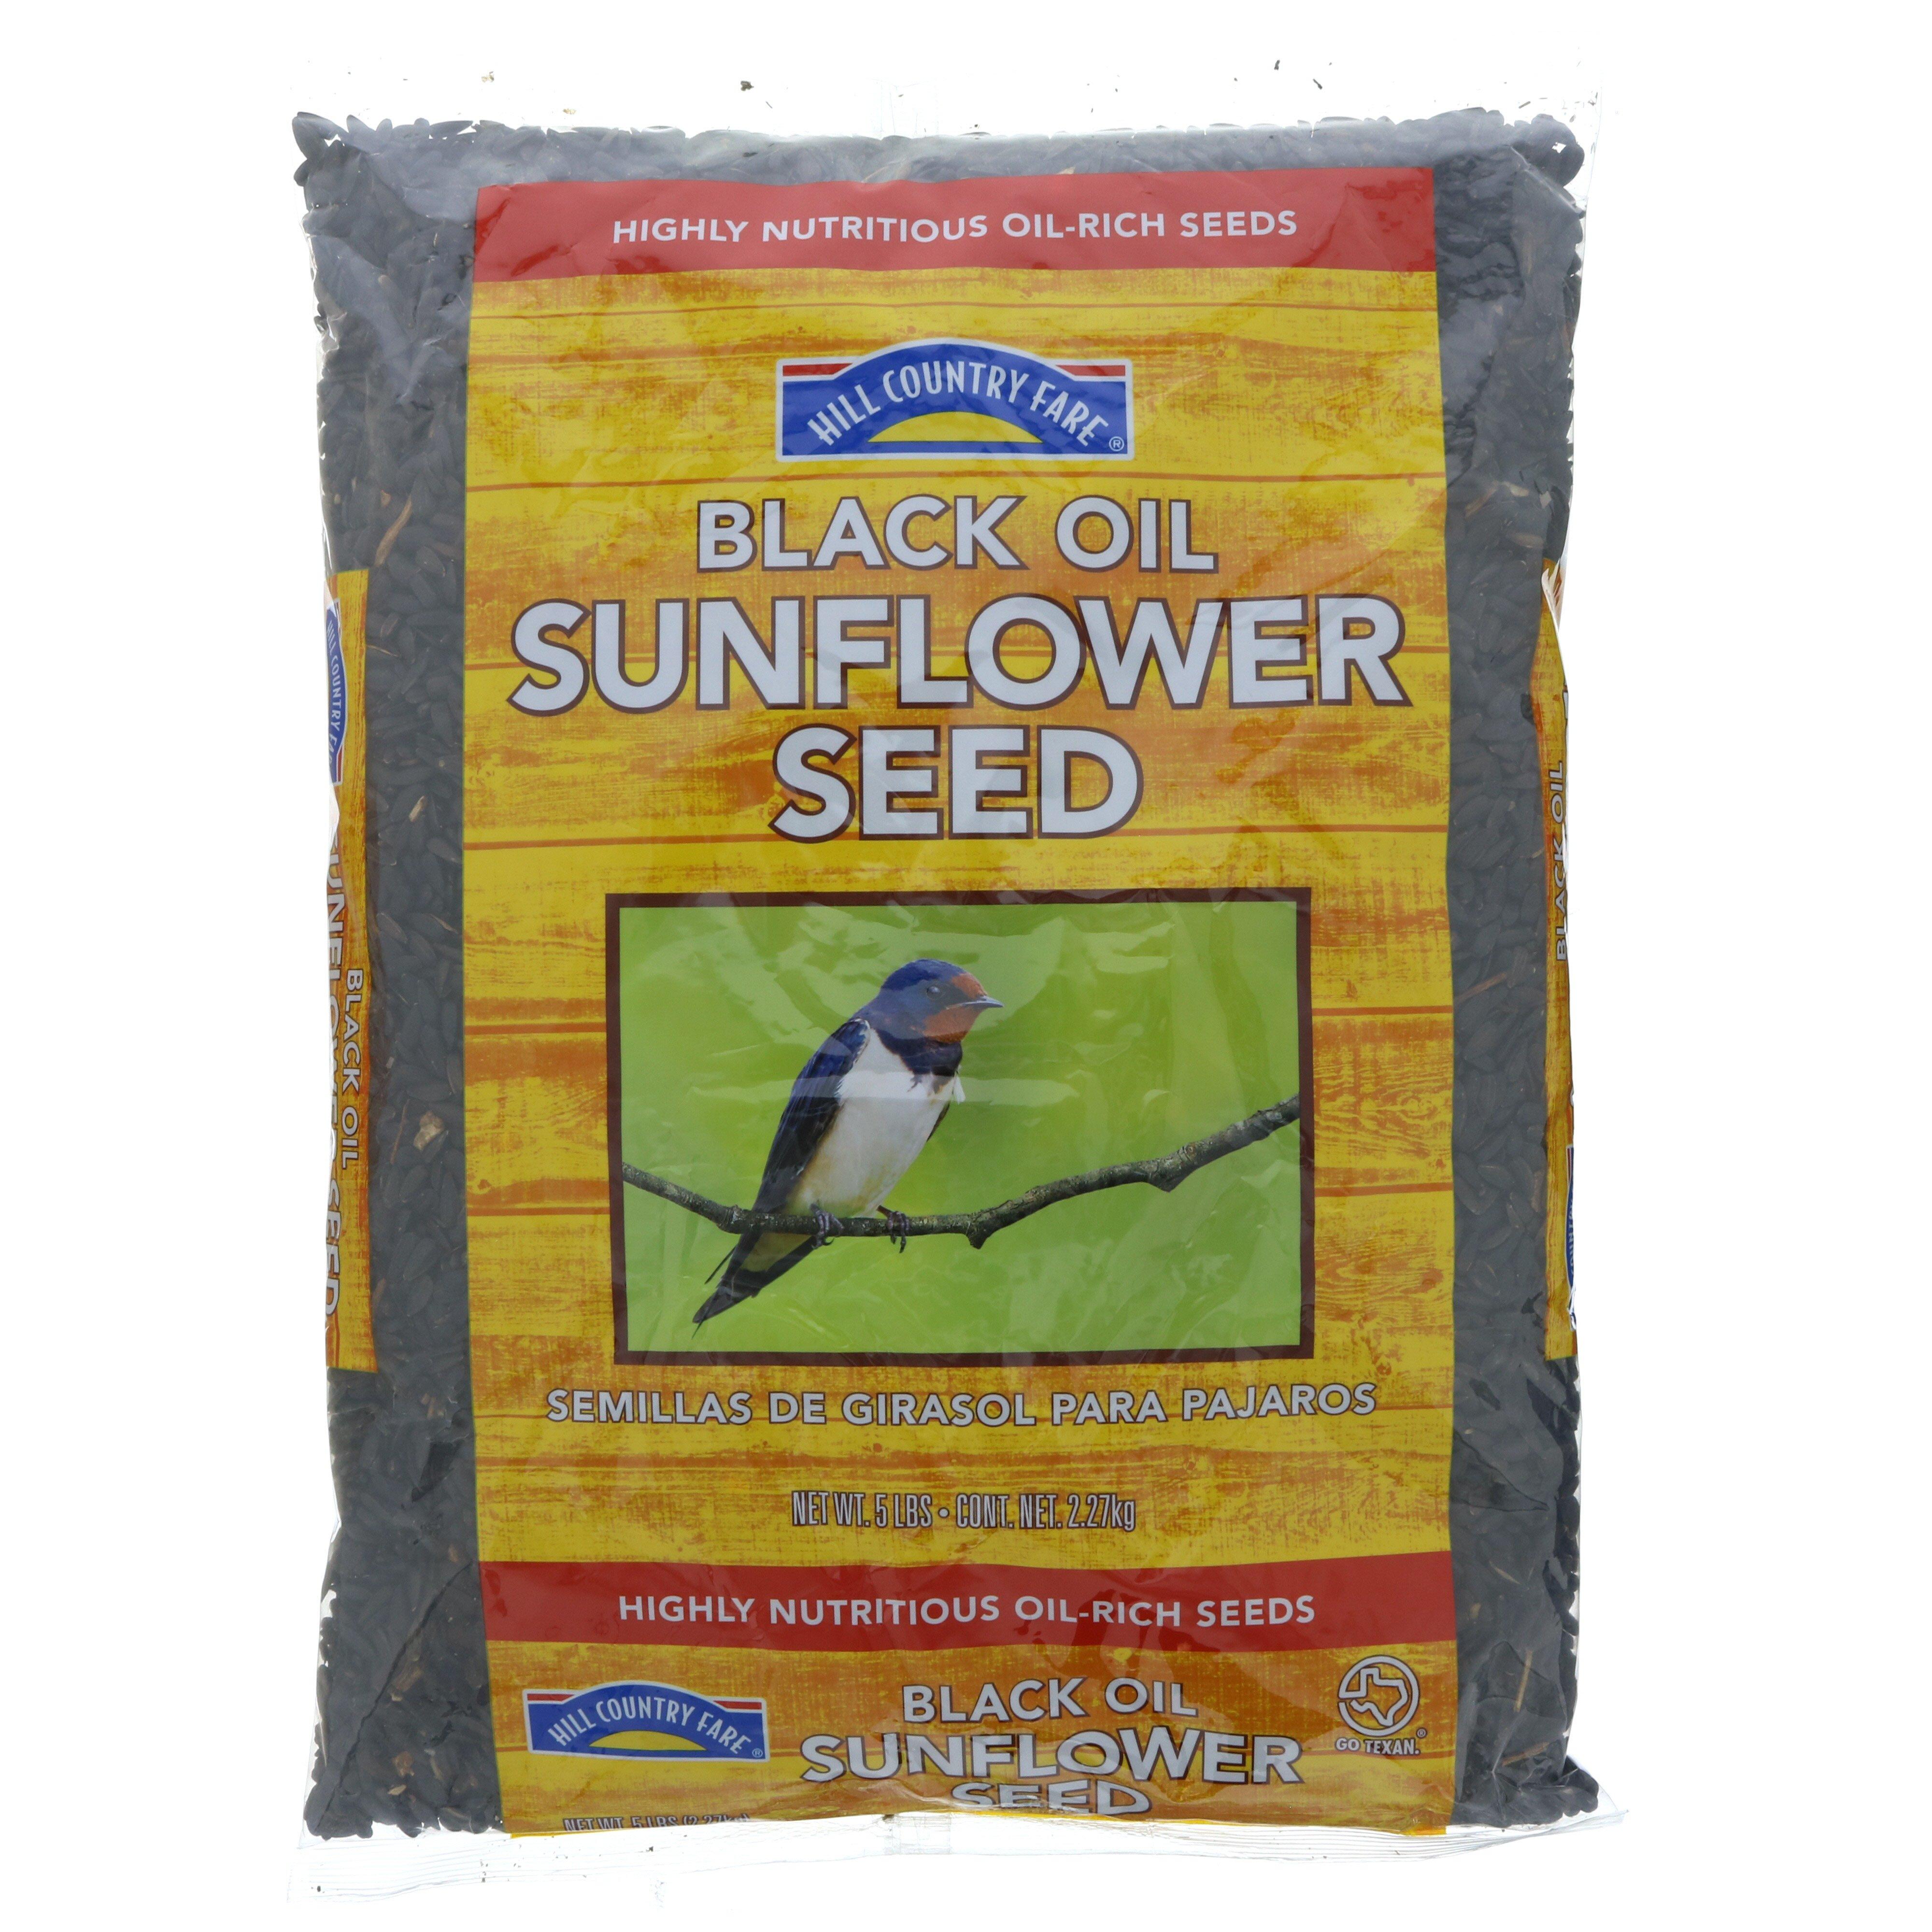 Black Oil Sunflower Seed Bag